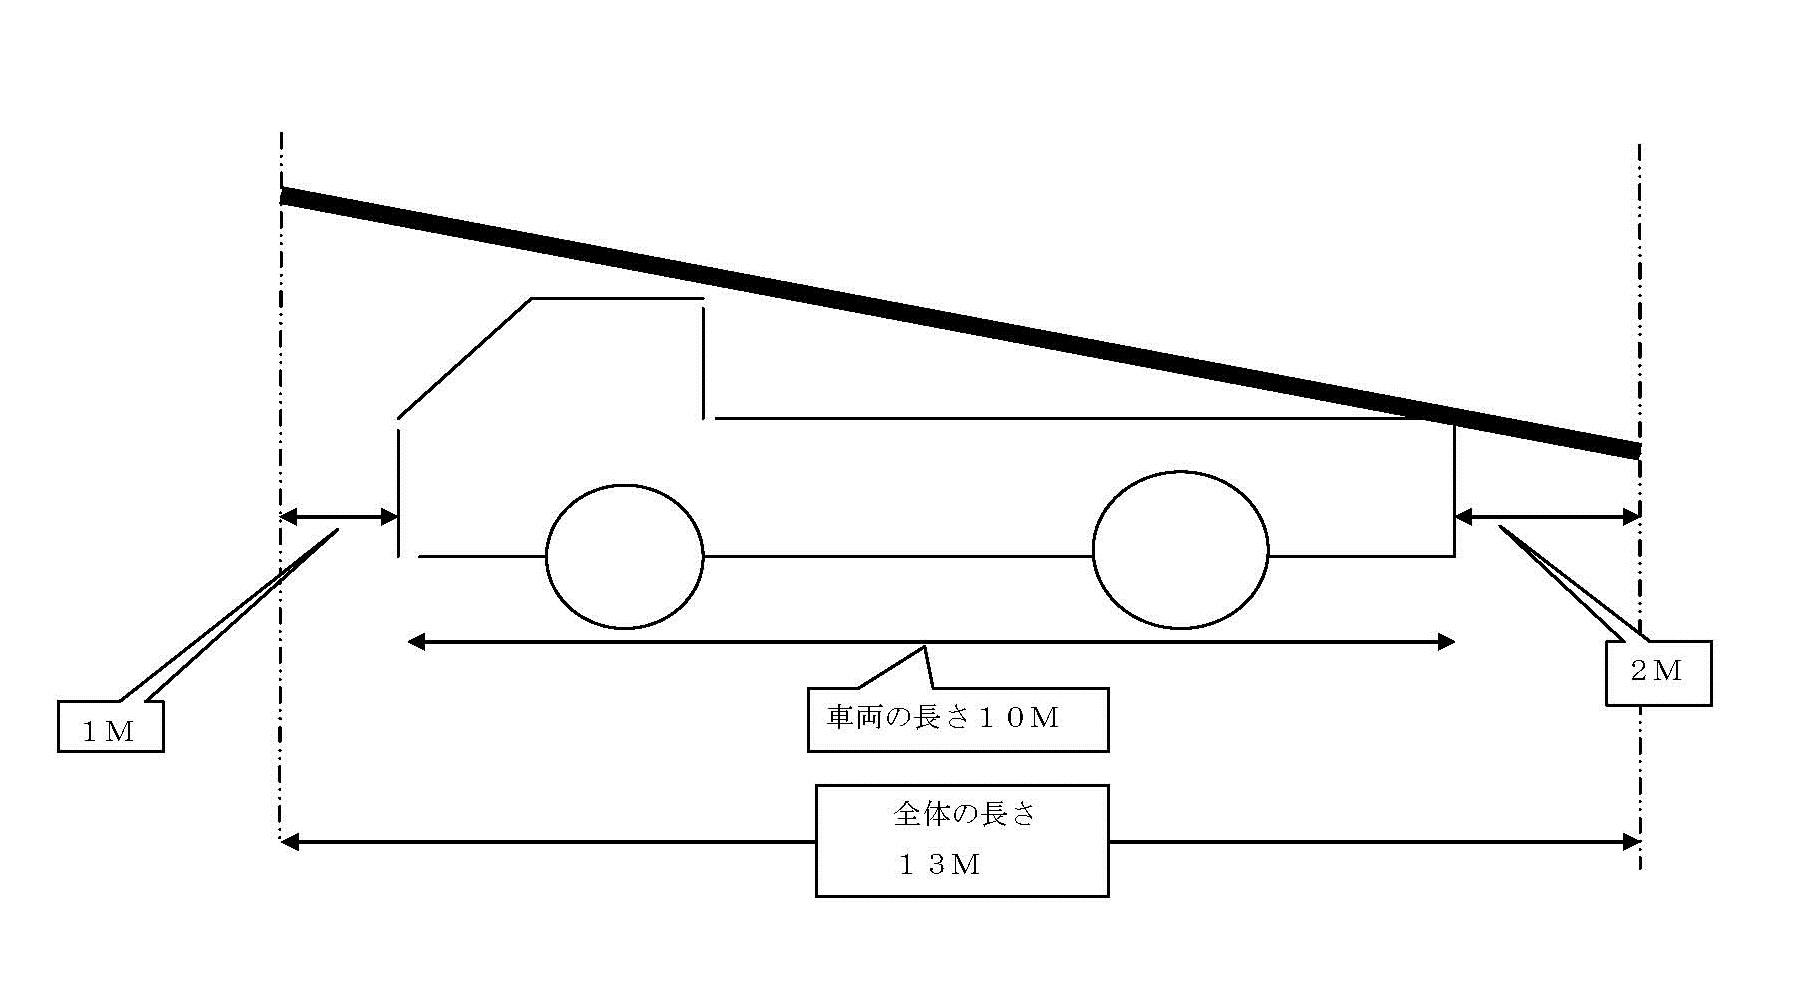 制限外積載の荷姿図